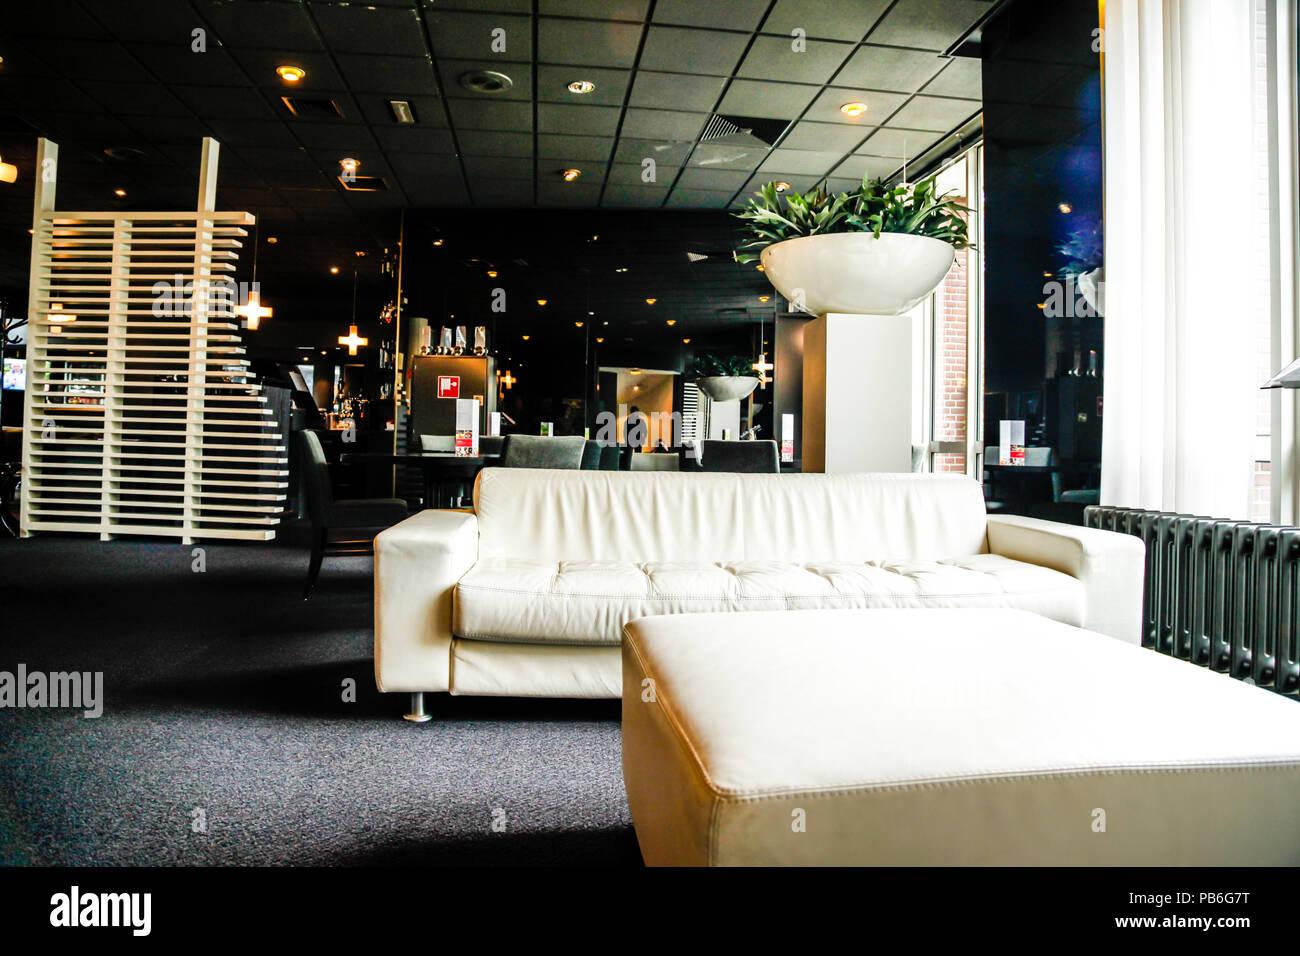 The lobby interior of the Apollo Hotel in Breda City Center, the ...